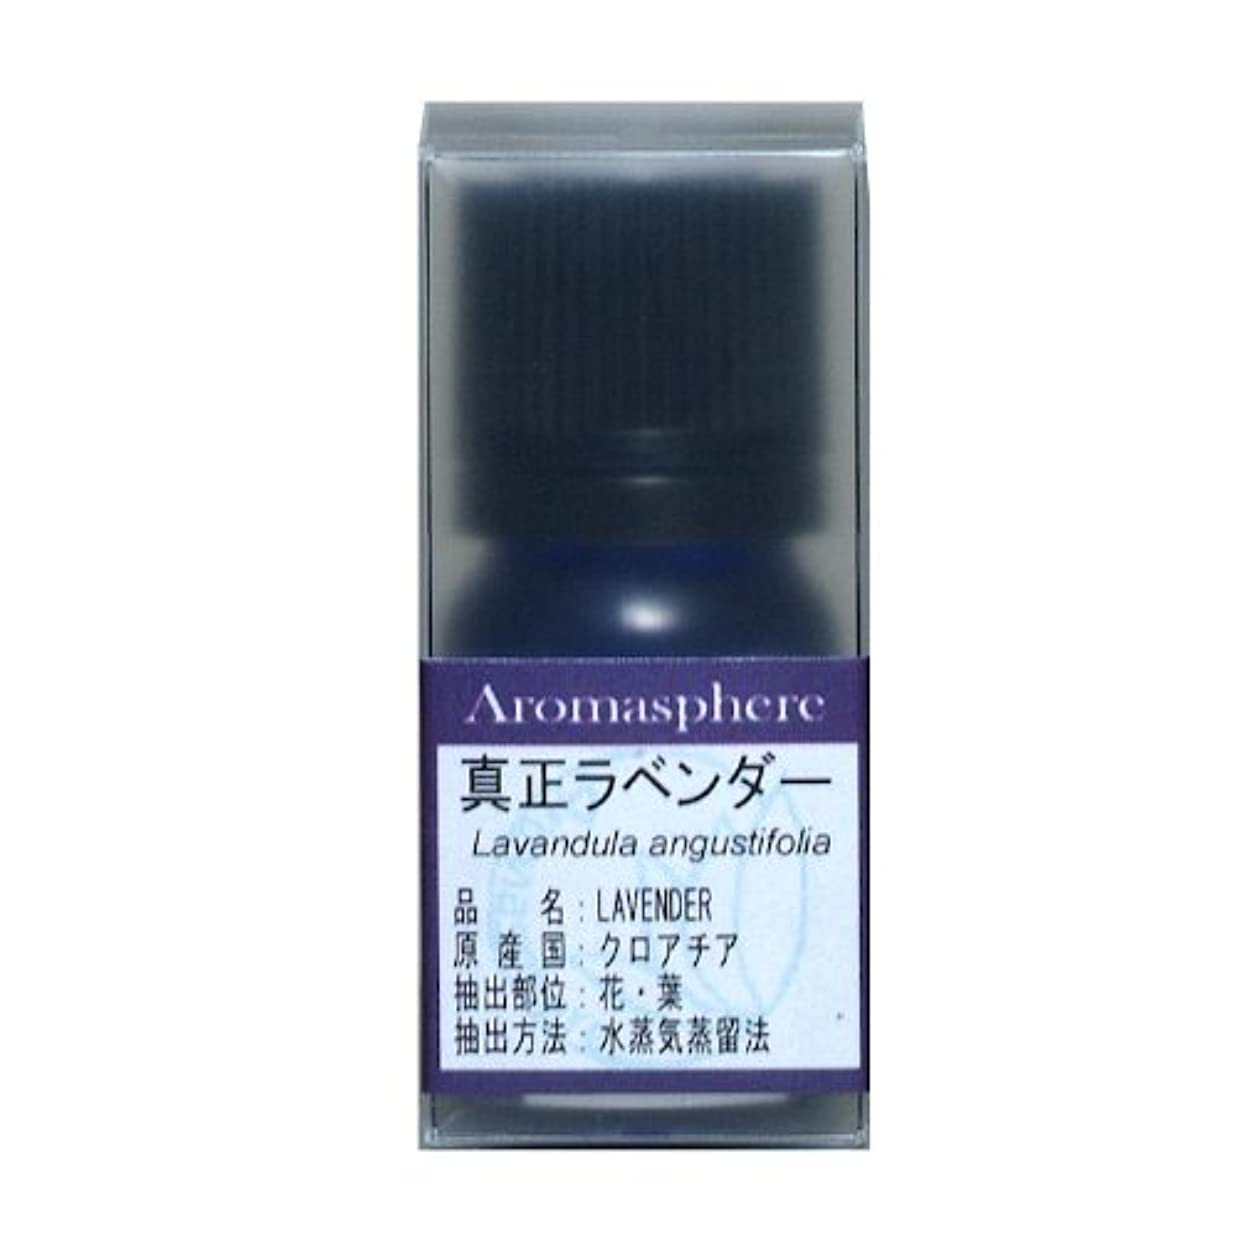 海スカリー差別する【アロマスフィア】真正ラベンダー 5ml エッセンシャルオイル(精油)